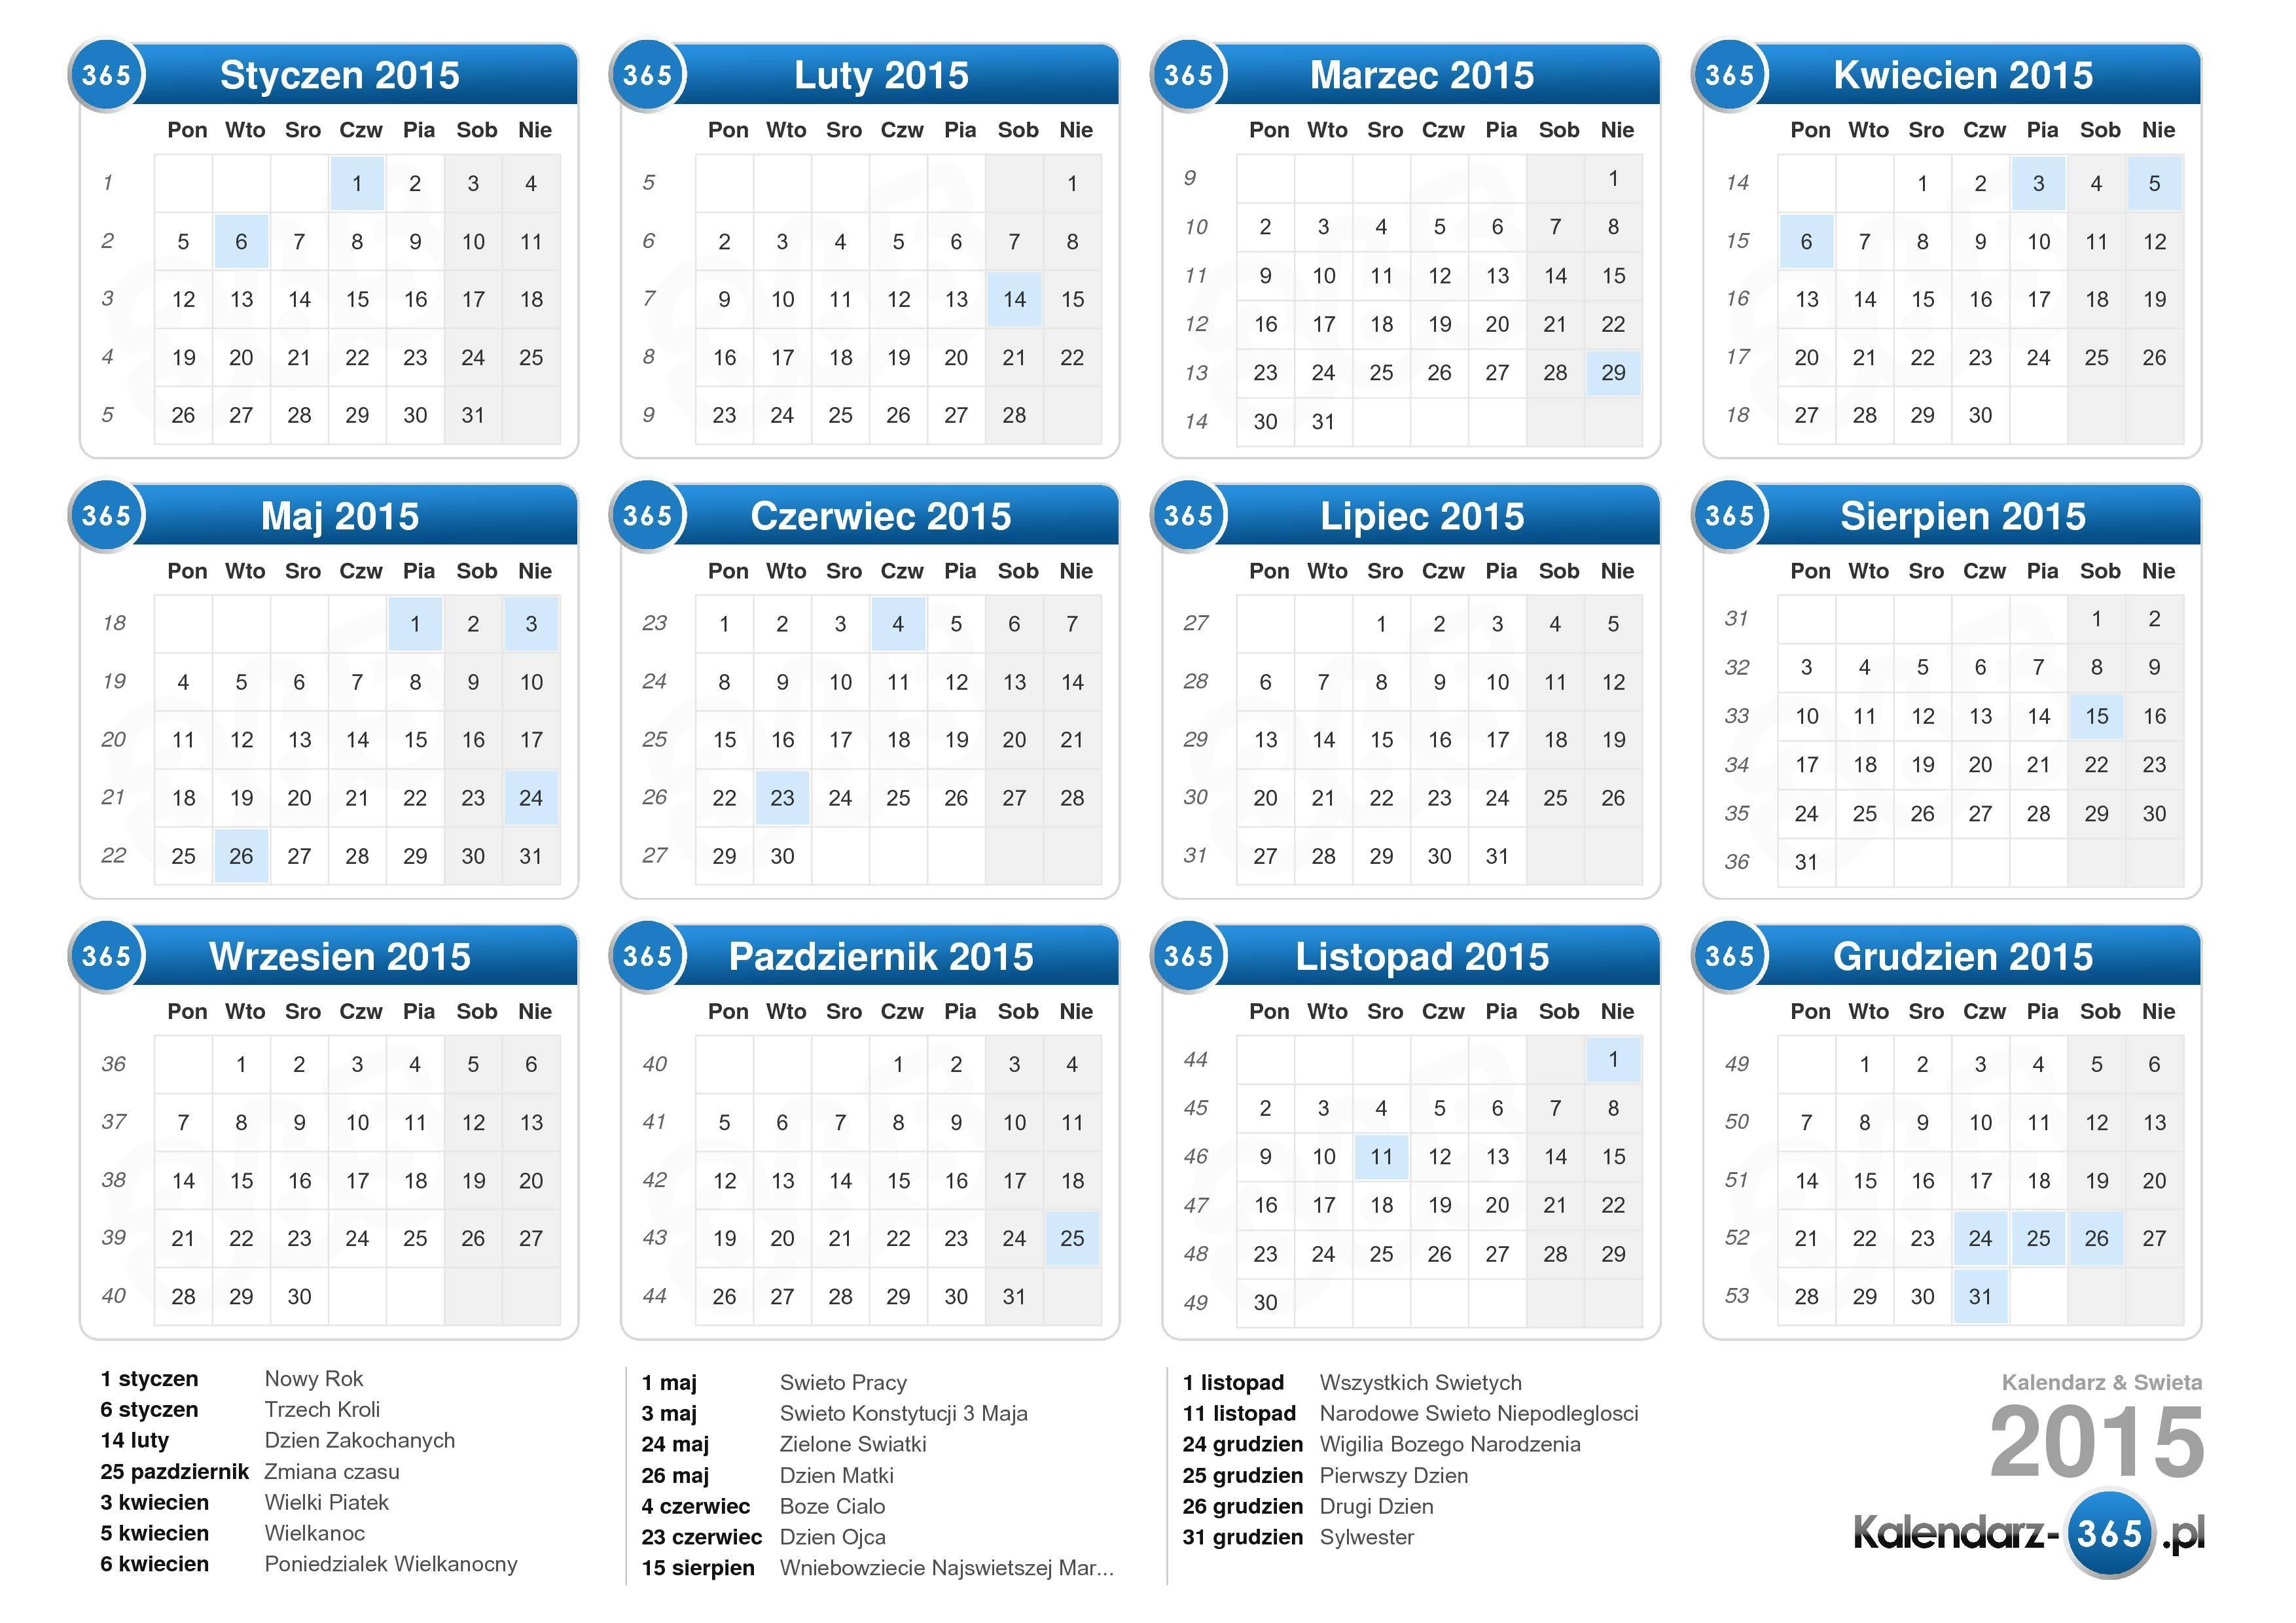 pobierz kalendarz 2015 z święta format leżący 1 strona kalendarz ...